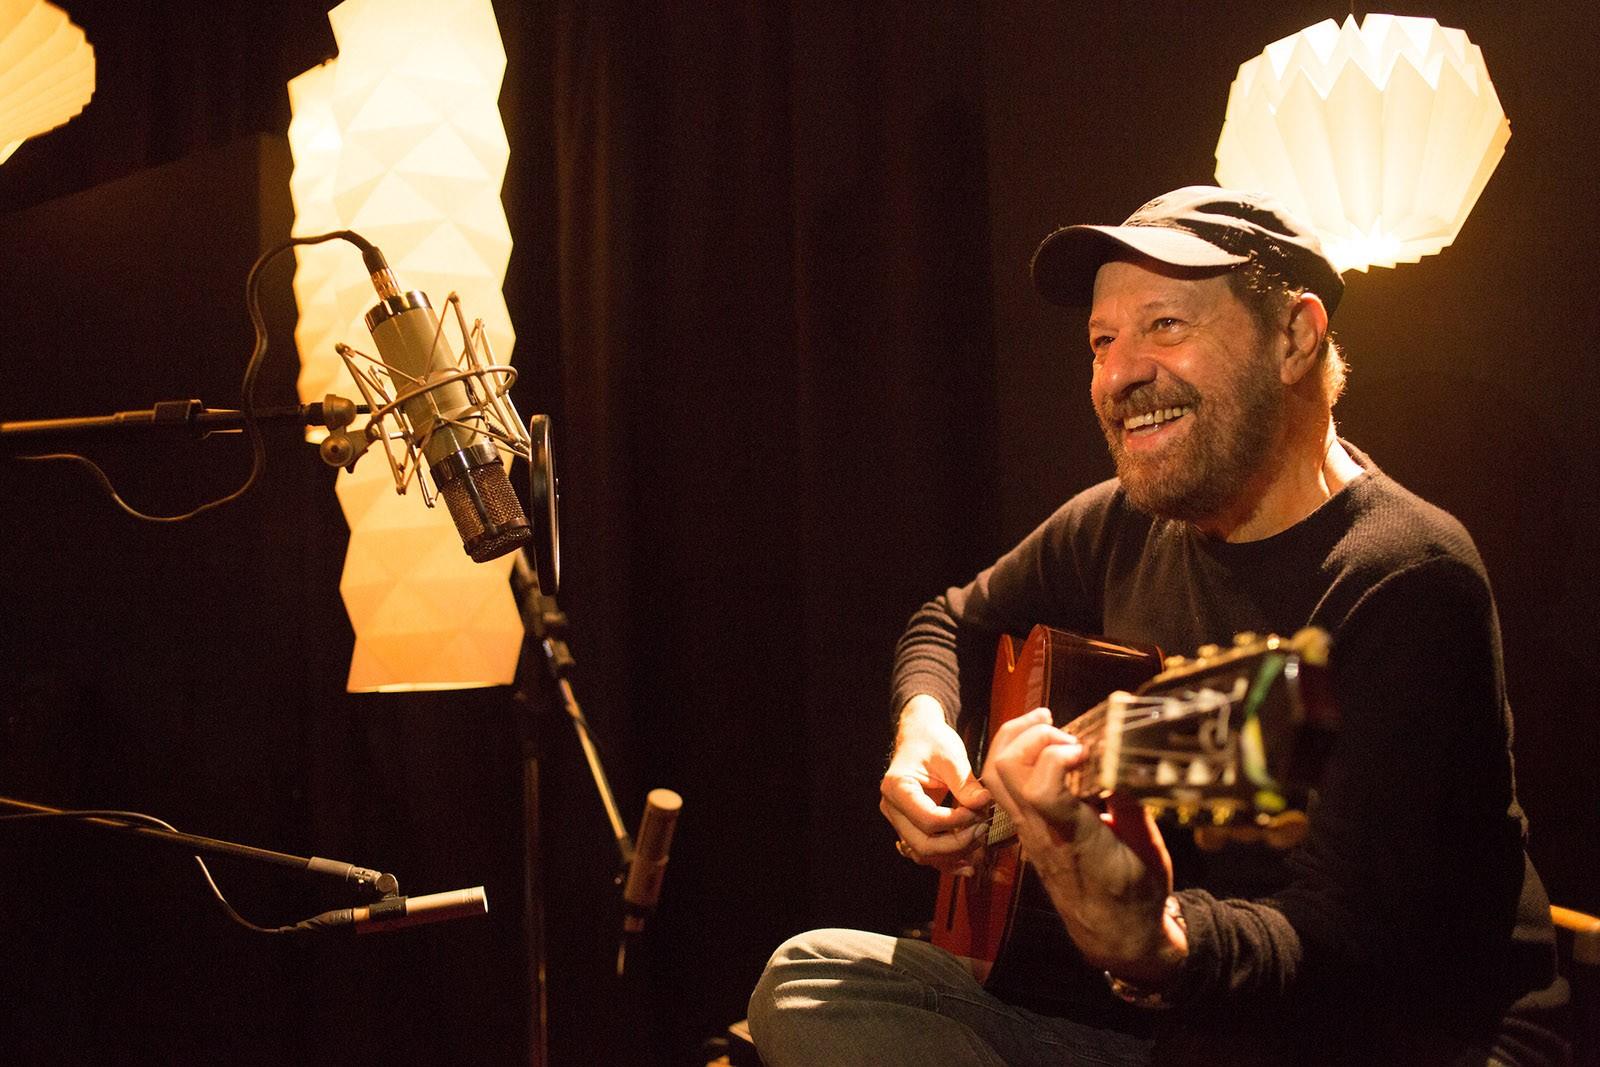 João Bosco amplia parceria com Aldir Blanc em disco com letras inéditas do compositor carioca